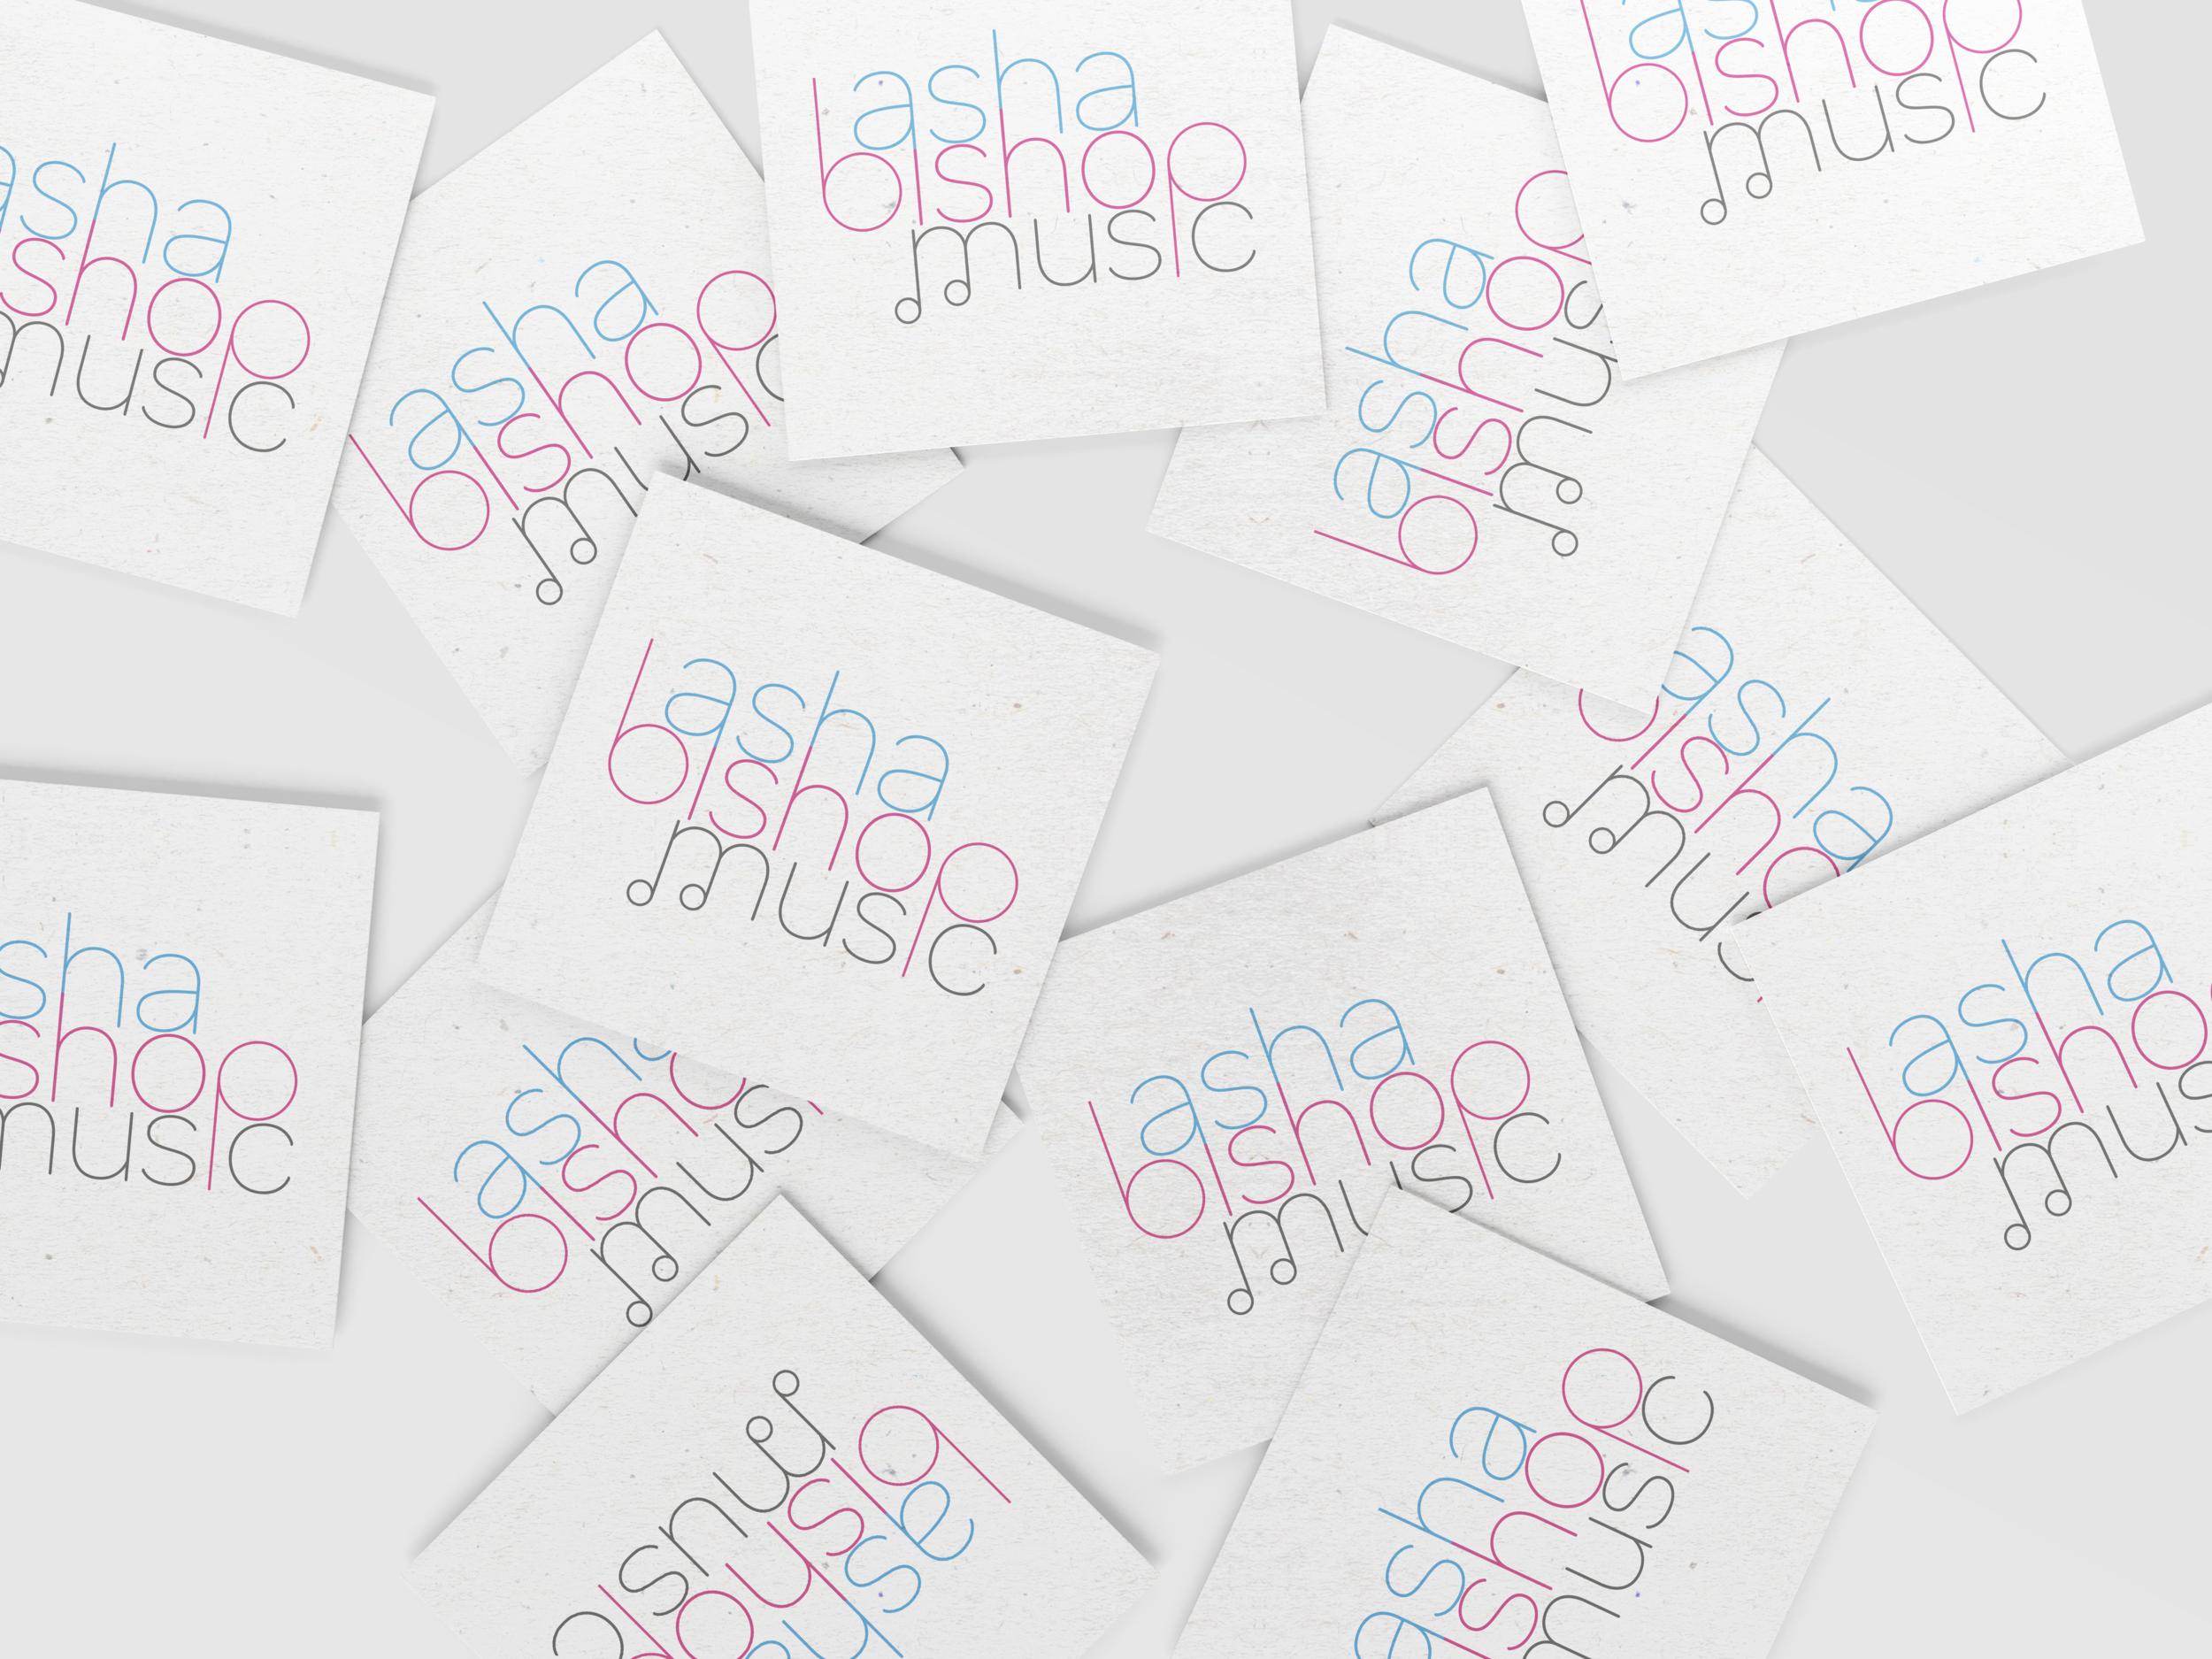 Asha Bishop Music